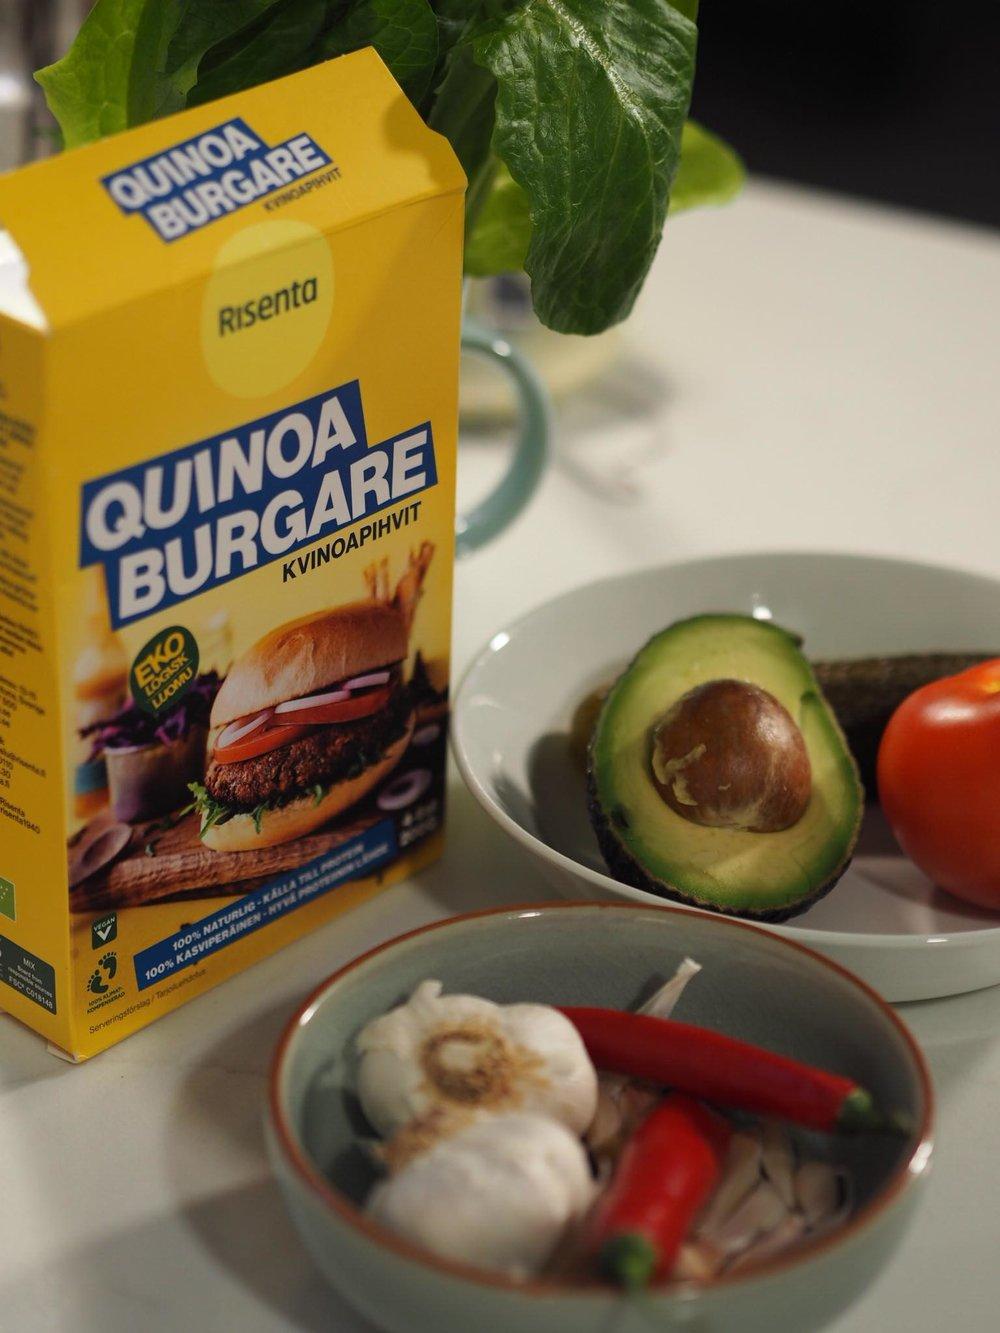 Risentalla on hulppea valikoima kasvissyöjän proteiinin lähteitä ja todella paljon aineksia luontaisesti gluteenittomaan ruokavalioon. Lisäksi Risenta on erittäin tarkka laadusta ja ekologisuudesta, voit lukea aiheesta lisää   täältä!